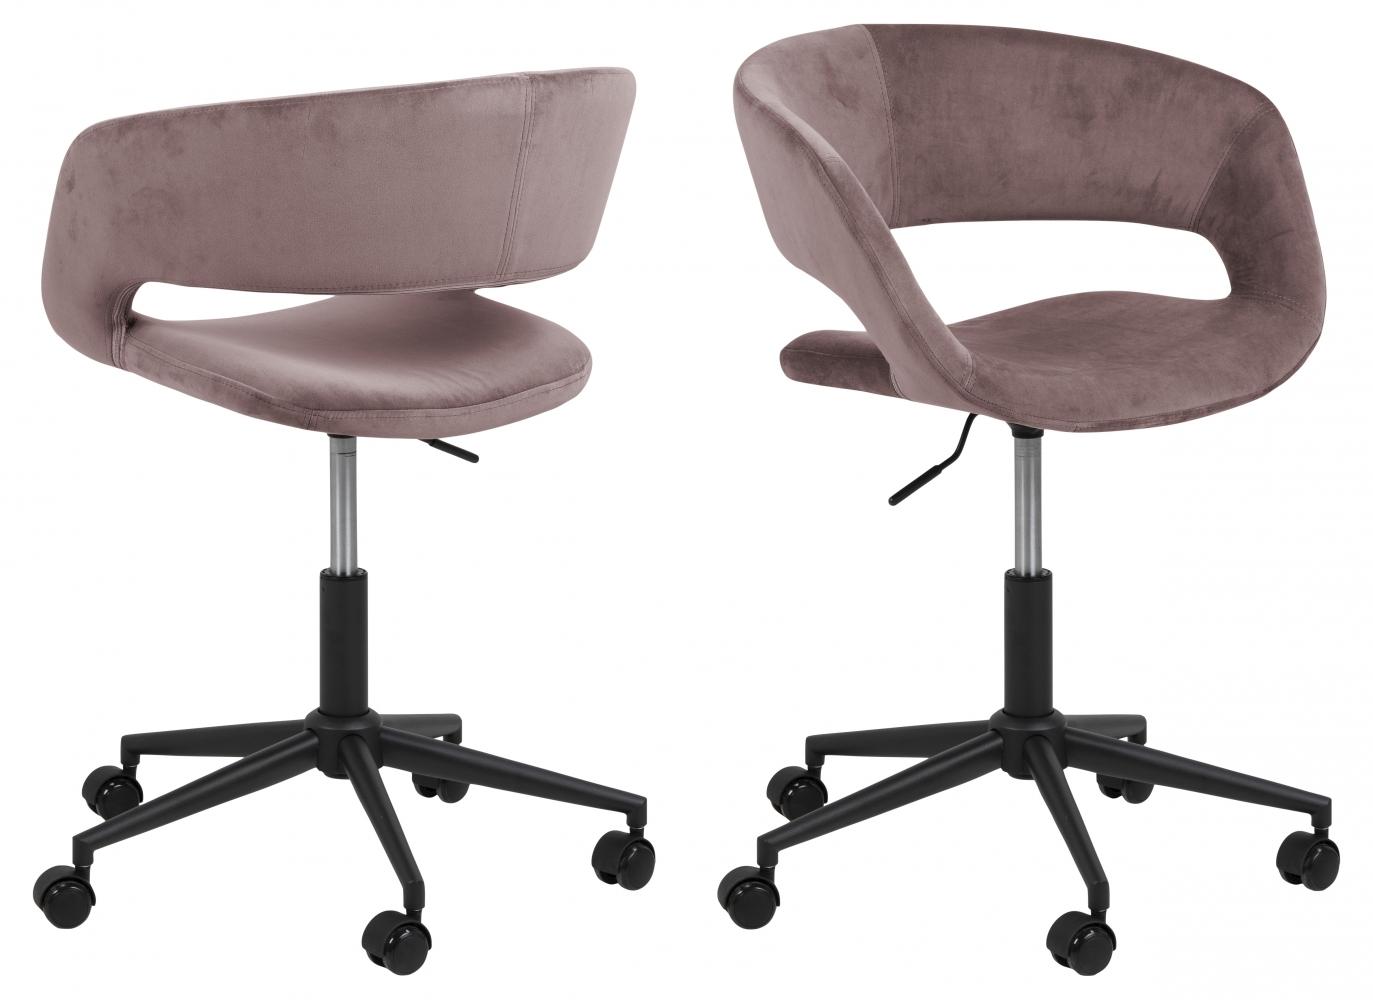 Kanelářská židle Grace, tkanina, růžová